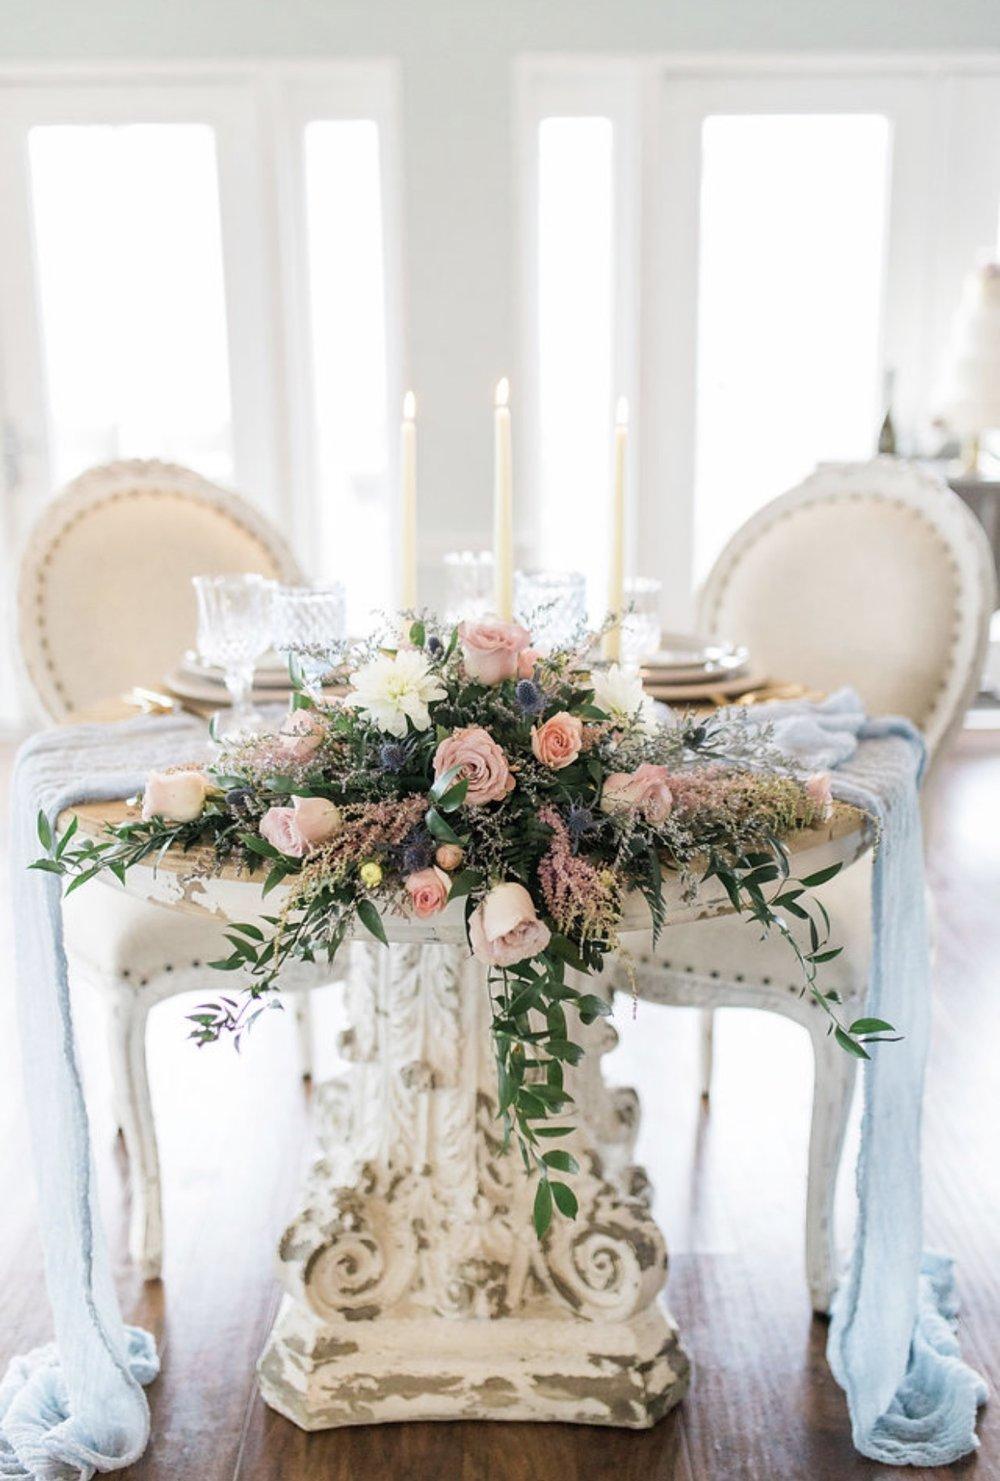 AISLE STYLE - TIMELESS MARYLAND BAYSIDE WEDDING2017